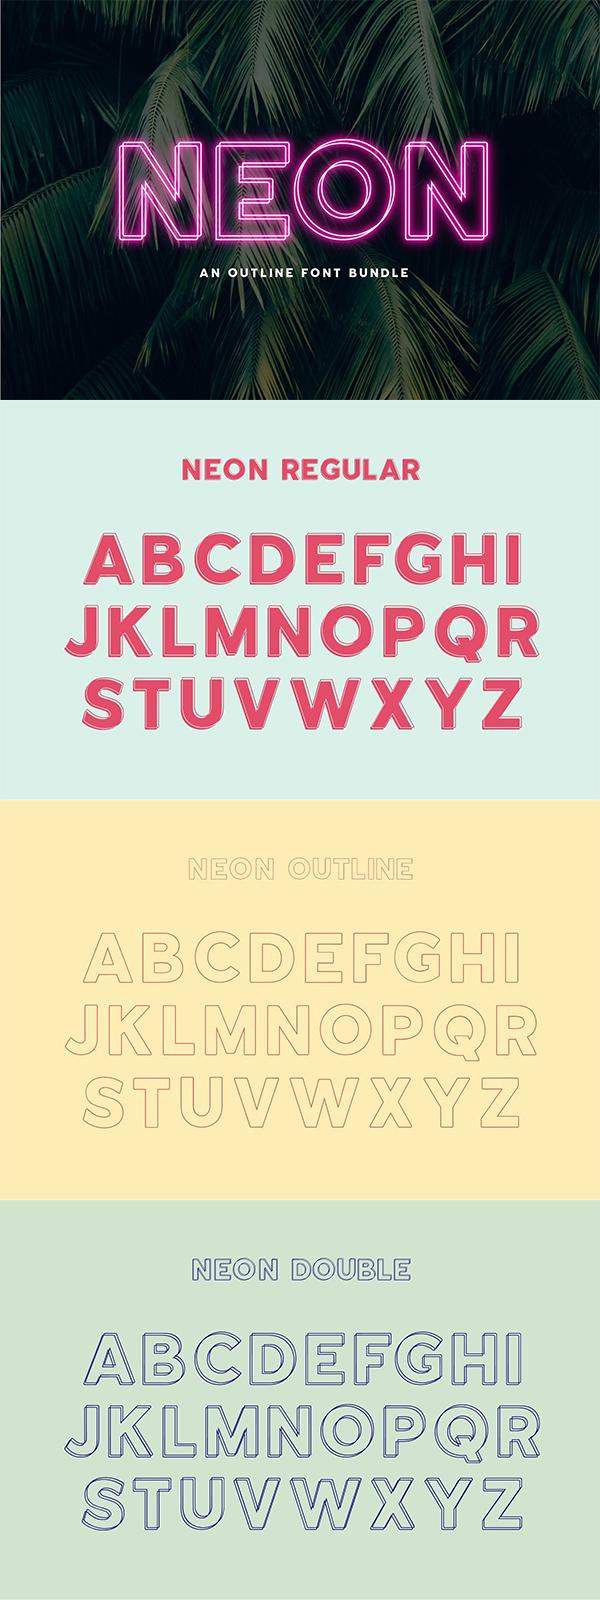 Neon - An Outline Font Bundle